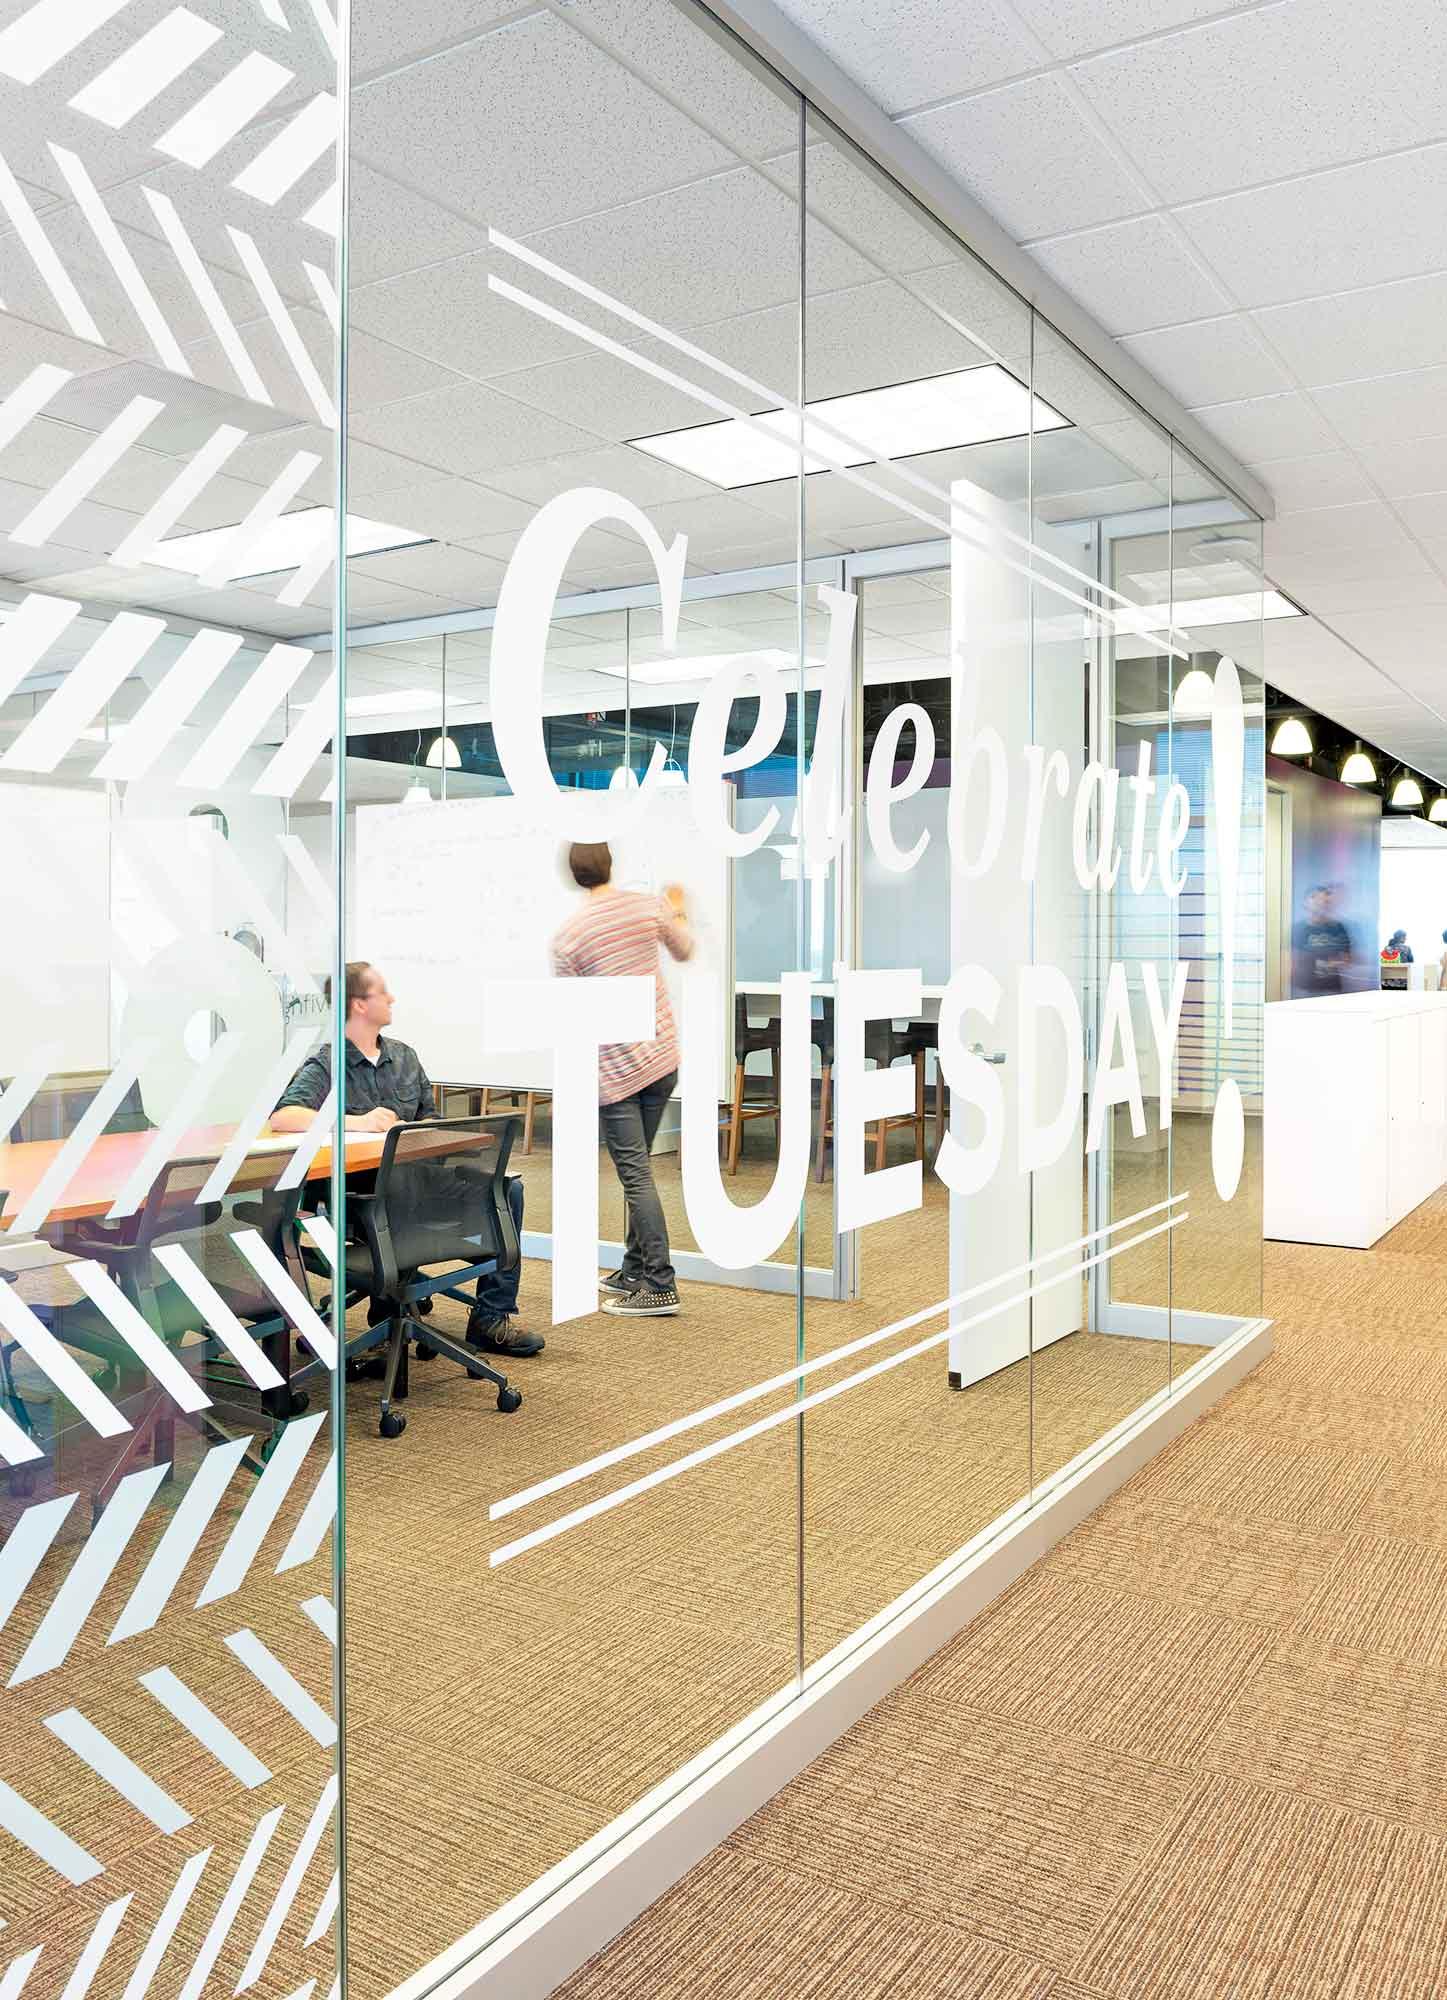 shutterfly-santa-clara-office-3